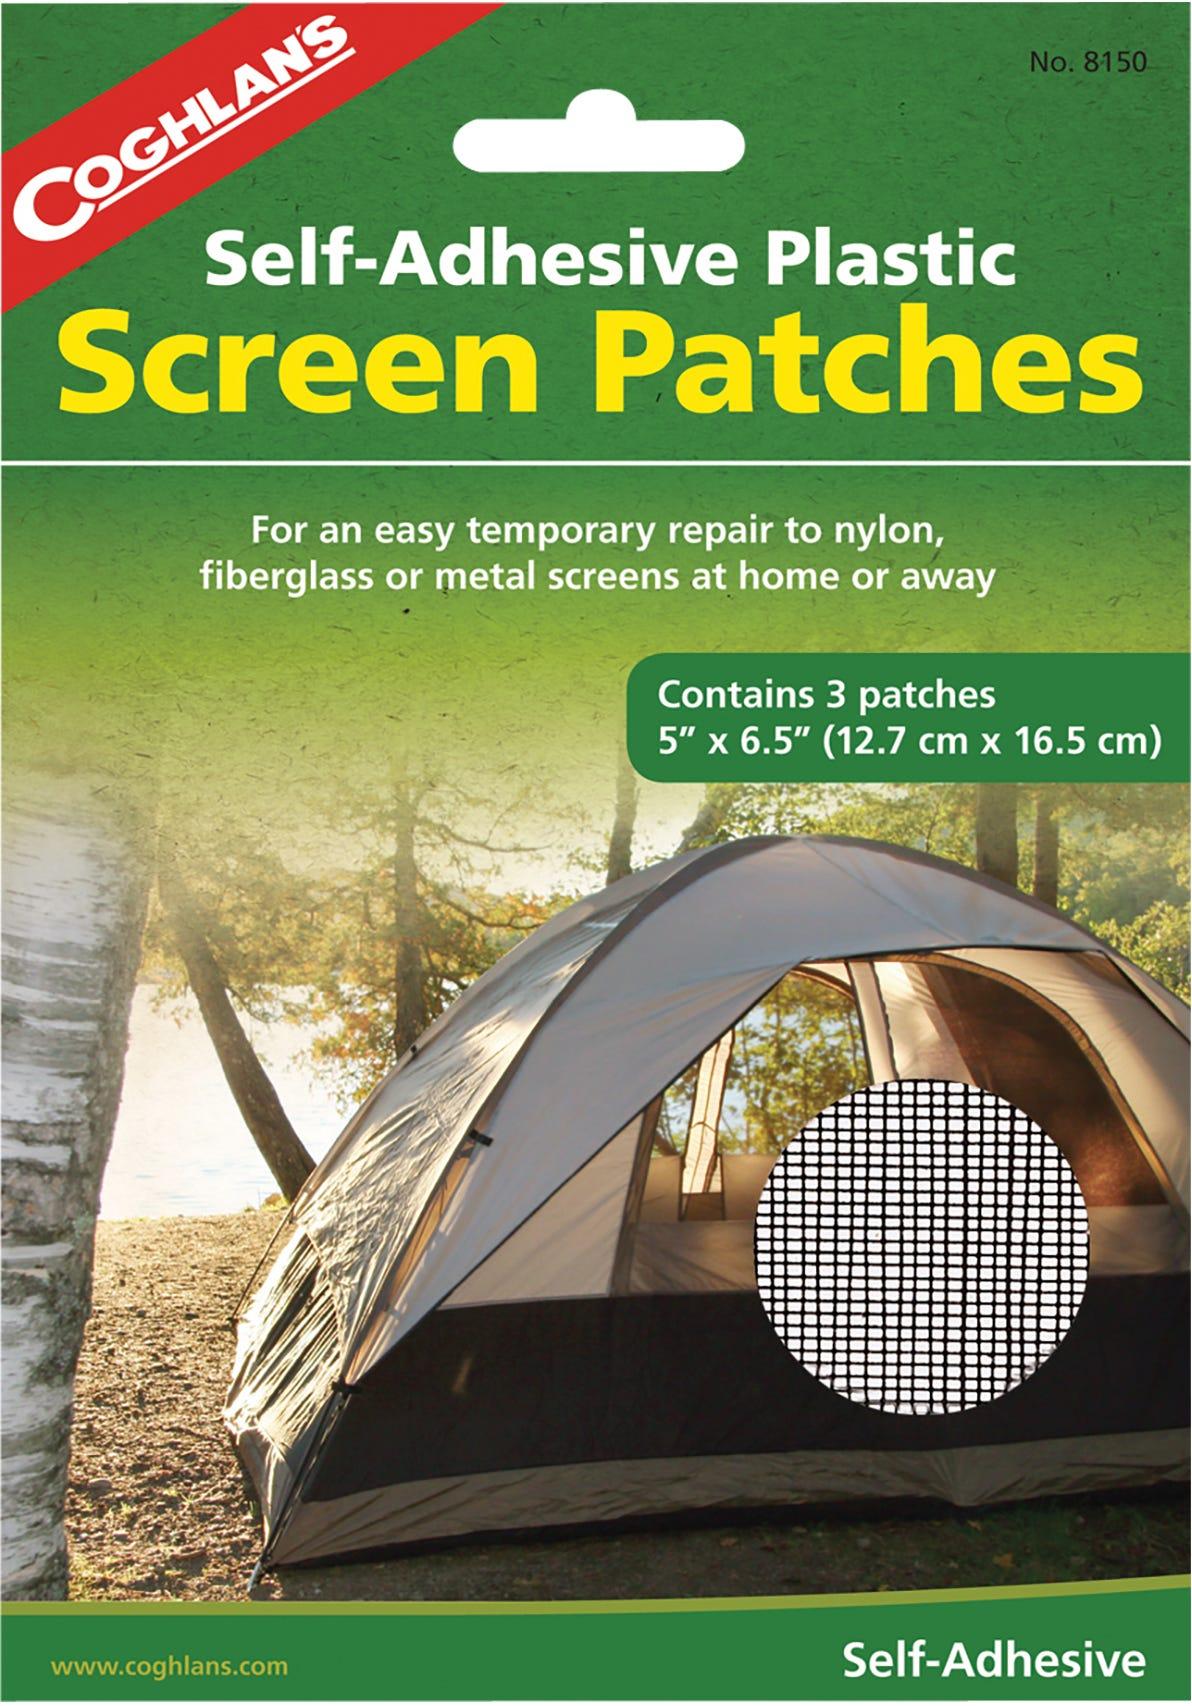 OMUKY 18CM Piquet de Tente en Aliminium L/éger Sardine pour Tente Camping Tente Accessoires 10 pi/èce